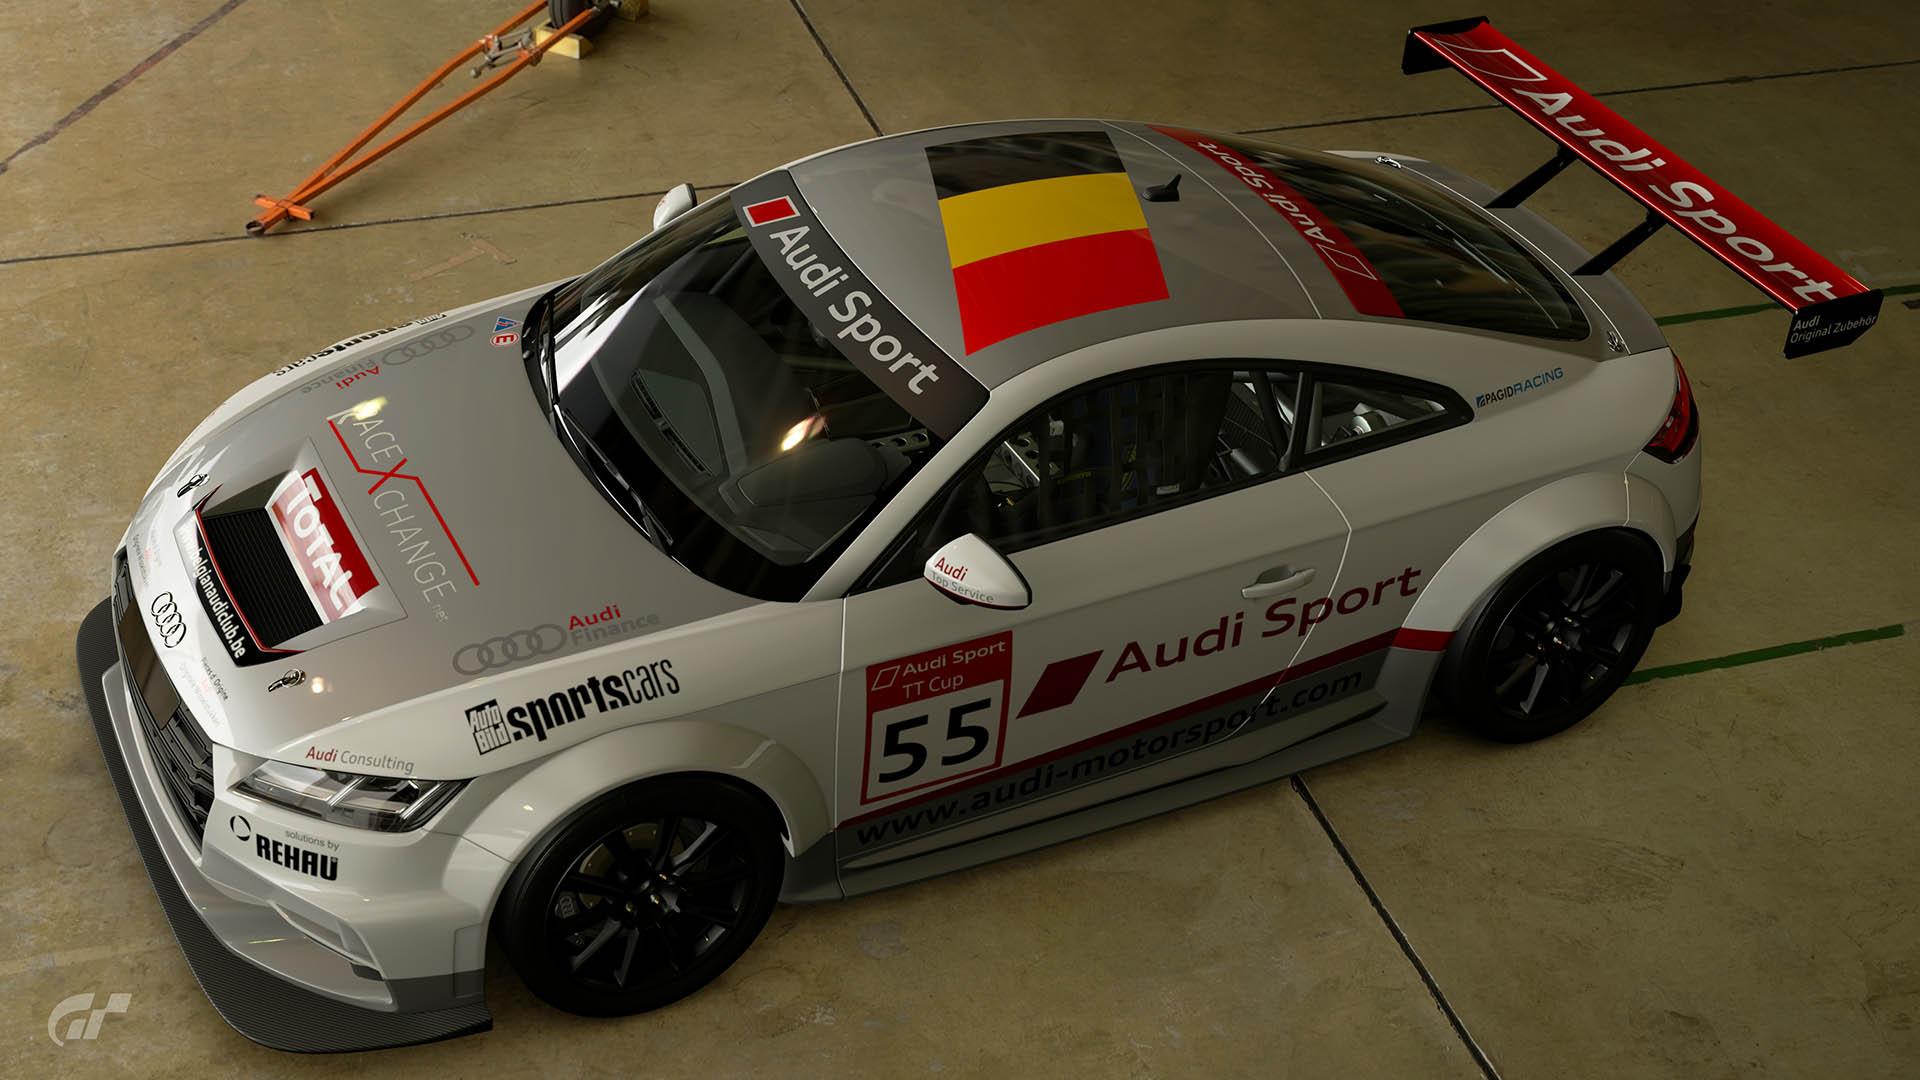 2015 Audi TT Cup #55 Alexis van de Poele